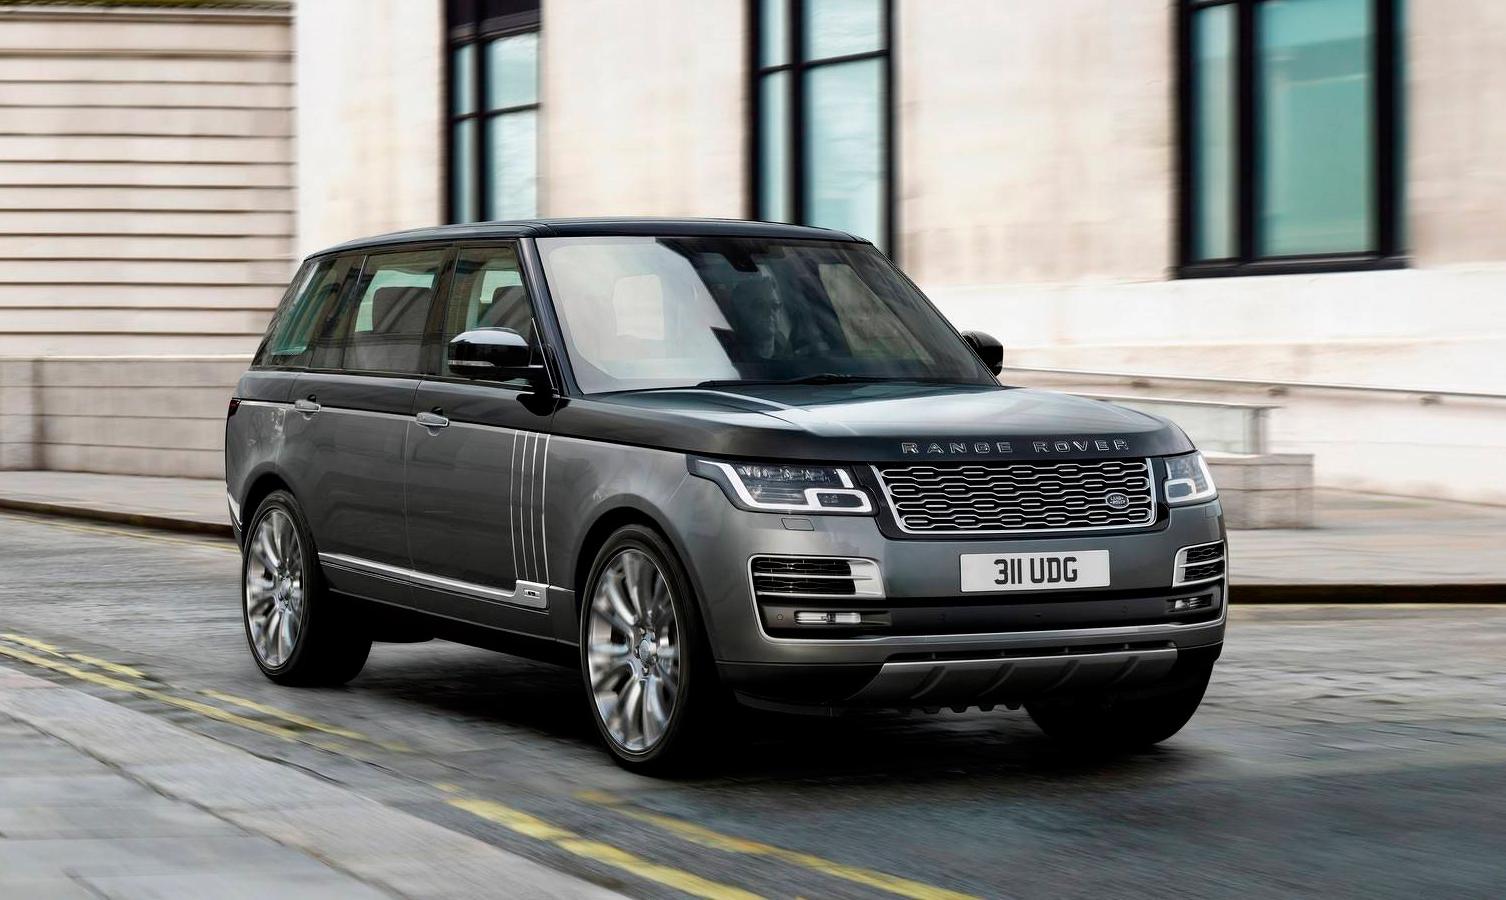 Компания Range Rover презентовала новый полноприводный внедорожник SVAutobiography